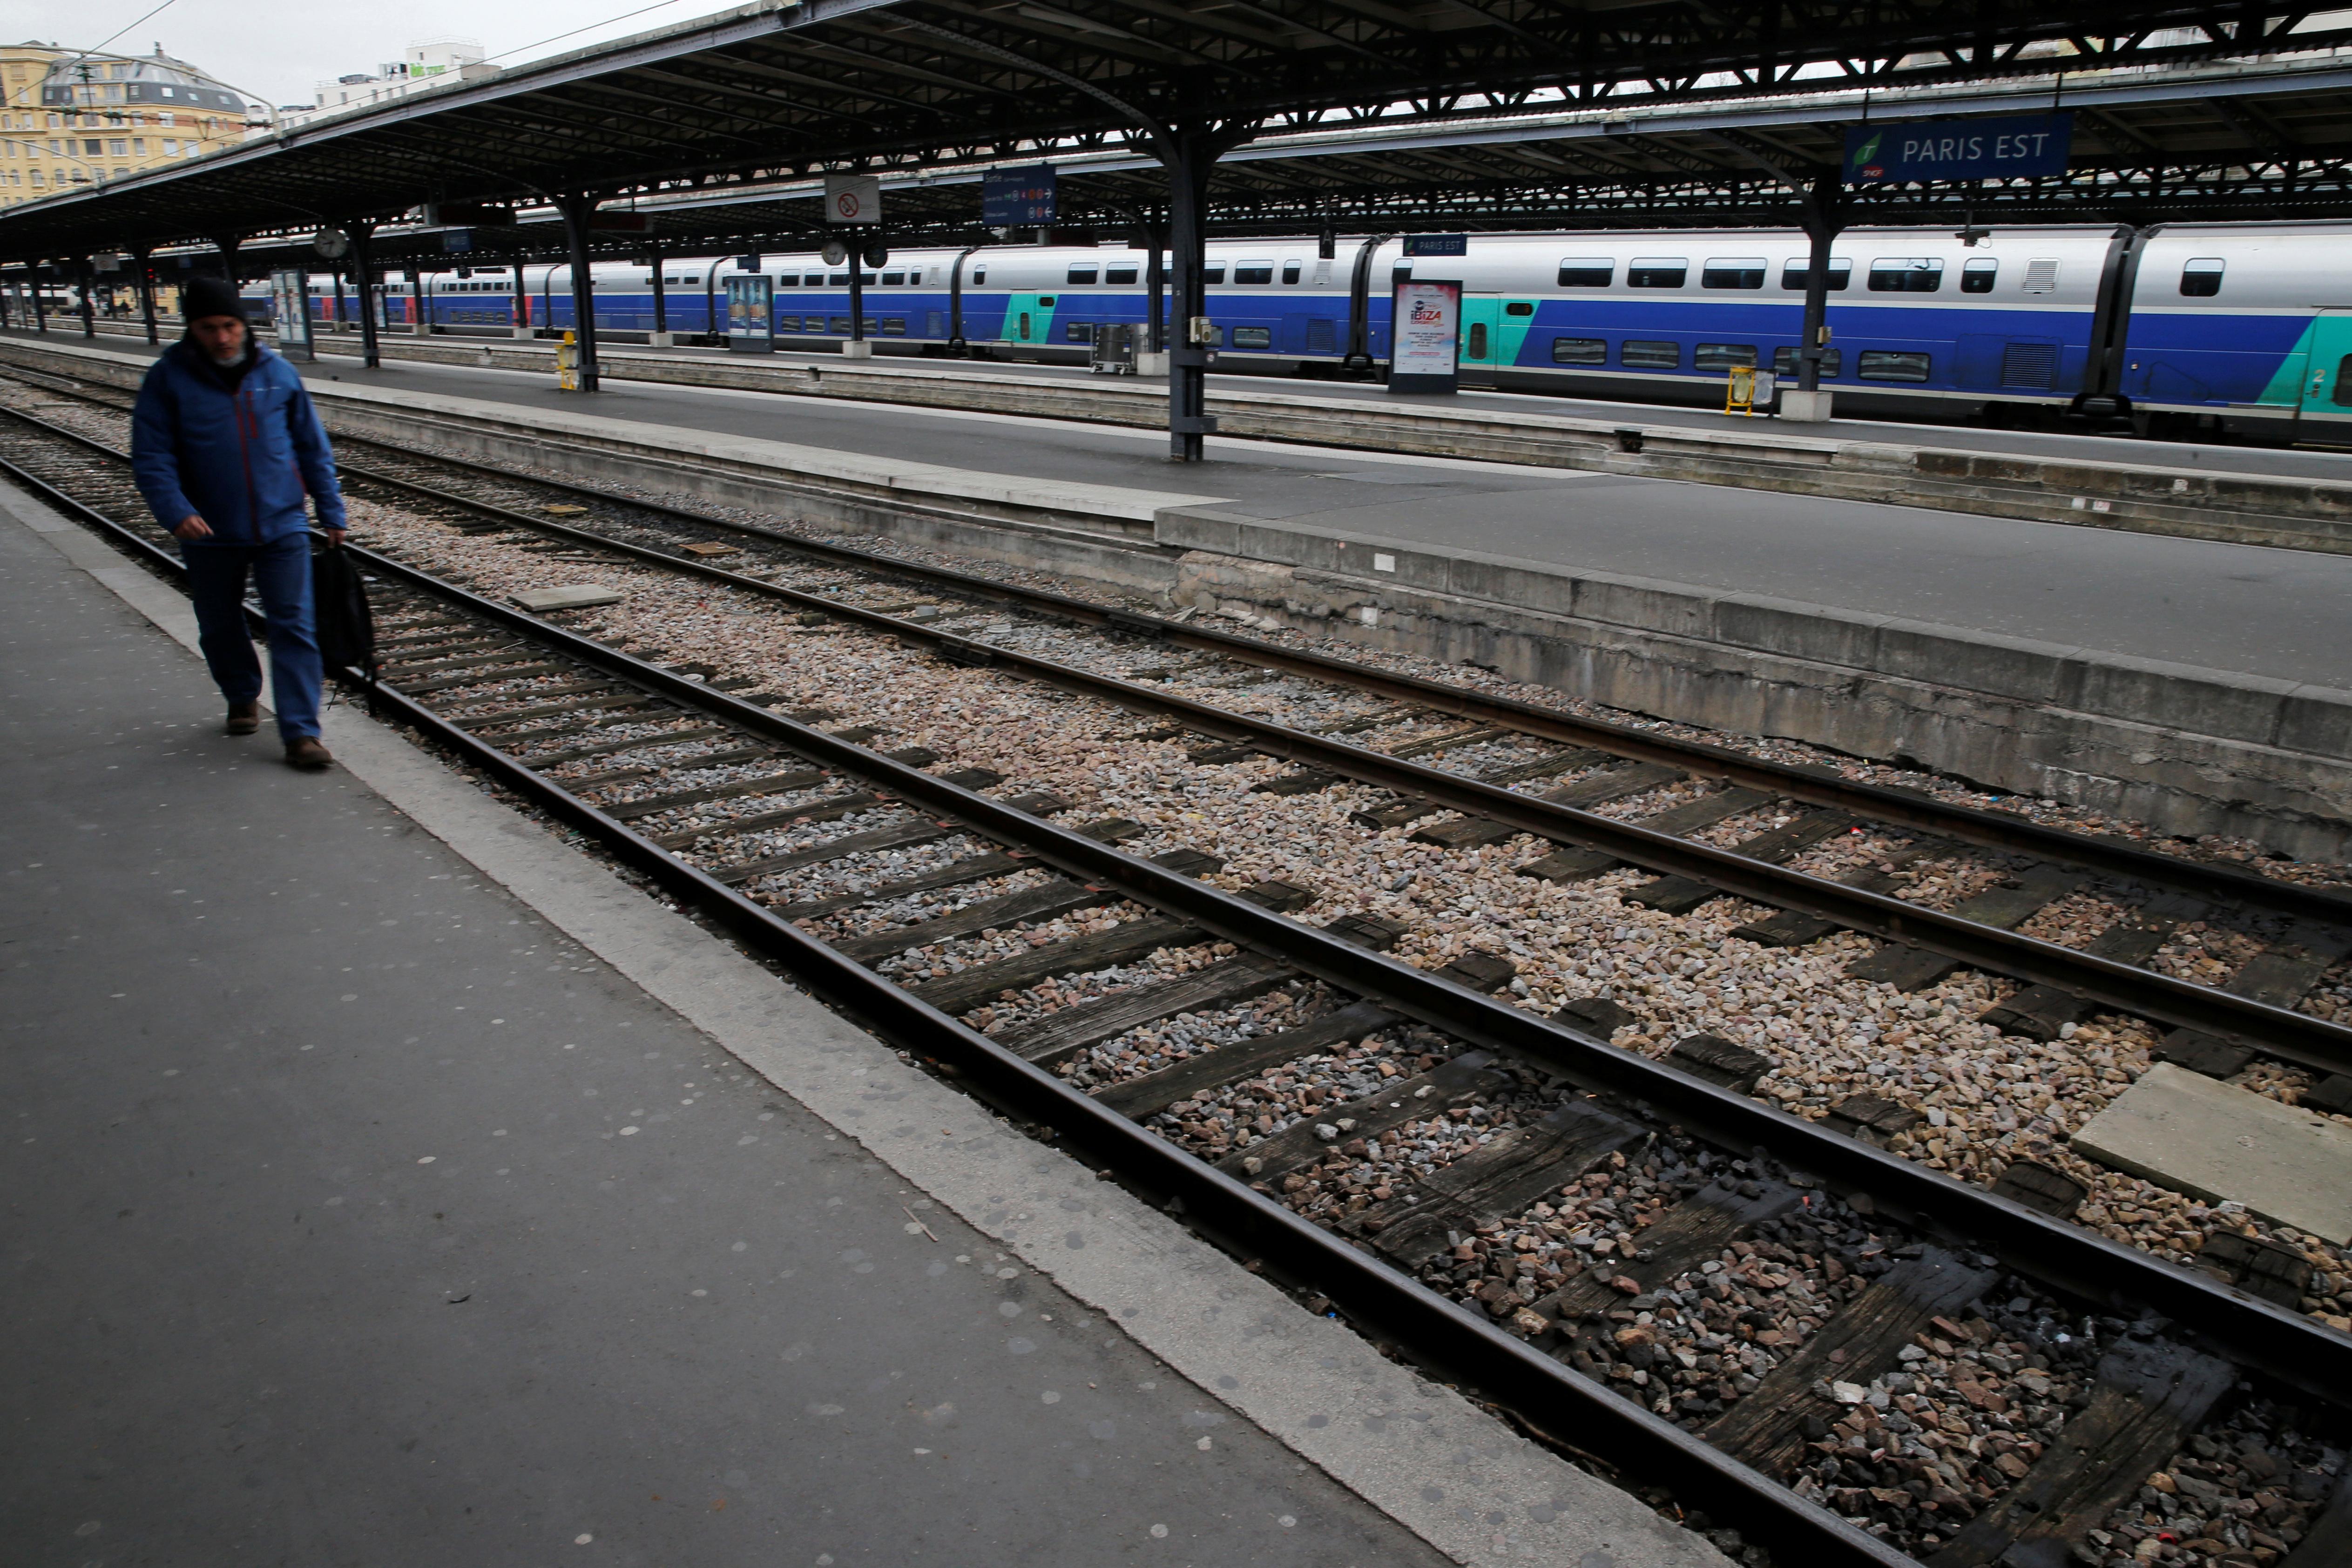 توقف حركة القطارات فى فرنسا